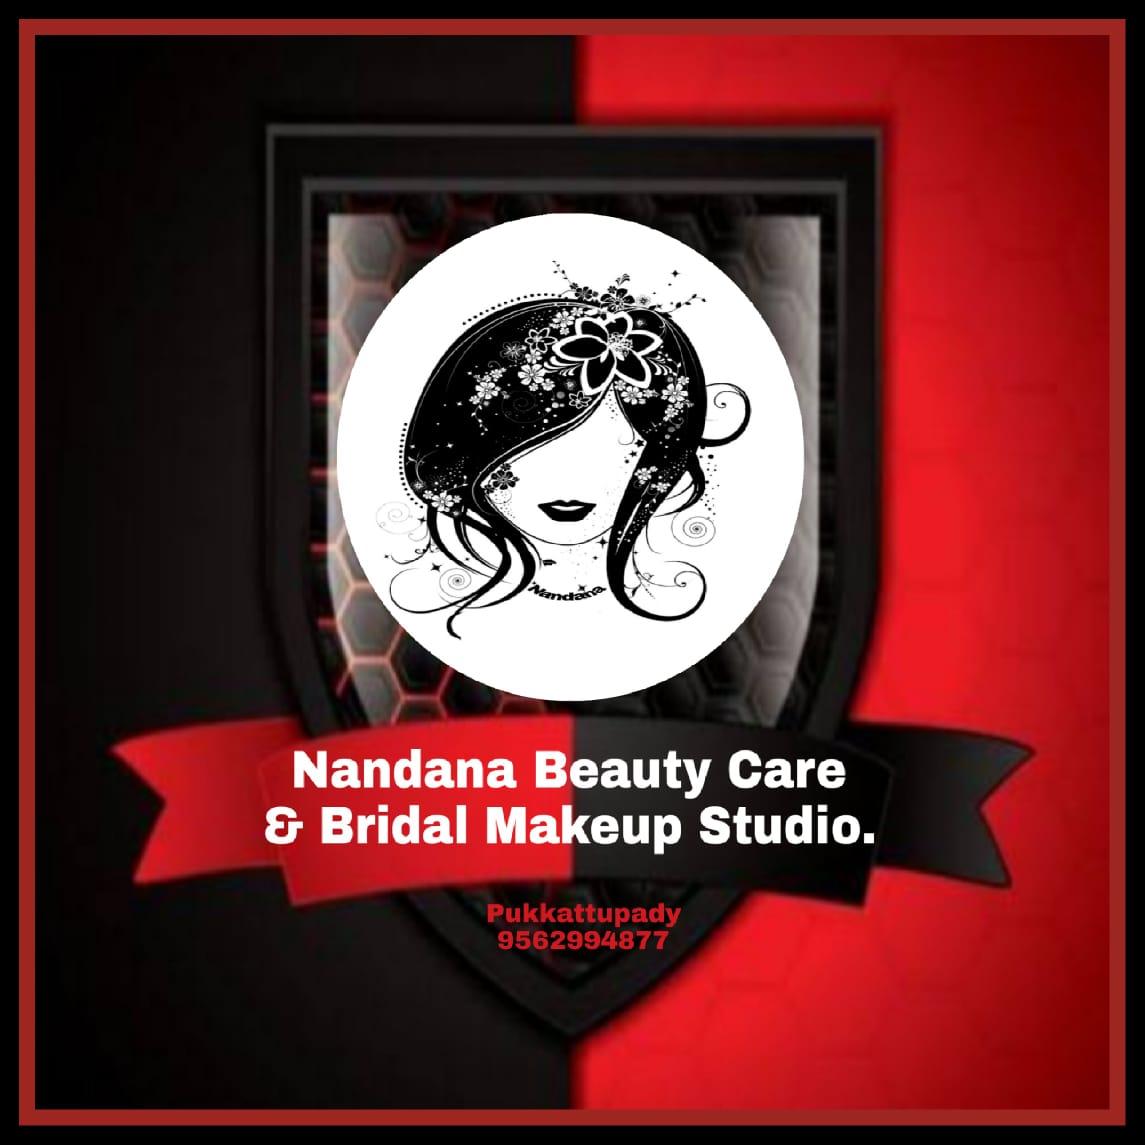 Nandana Beauty care & Bridal Makeup studio